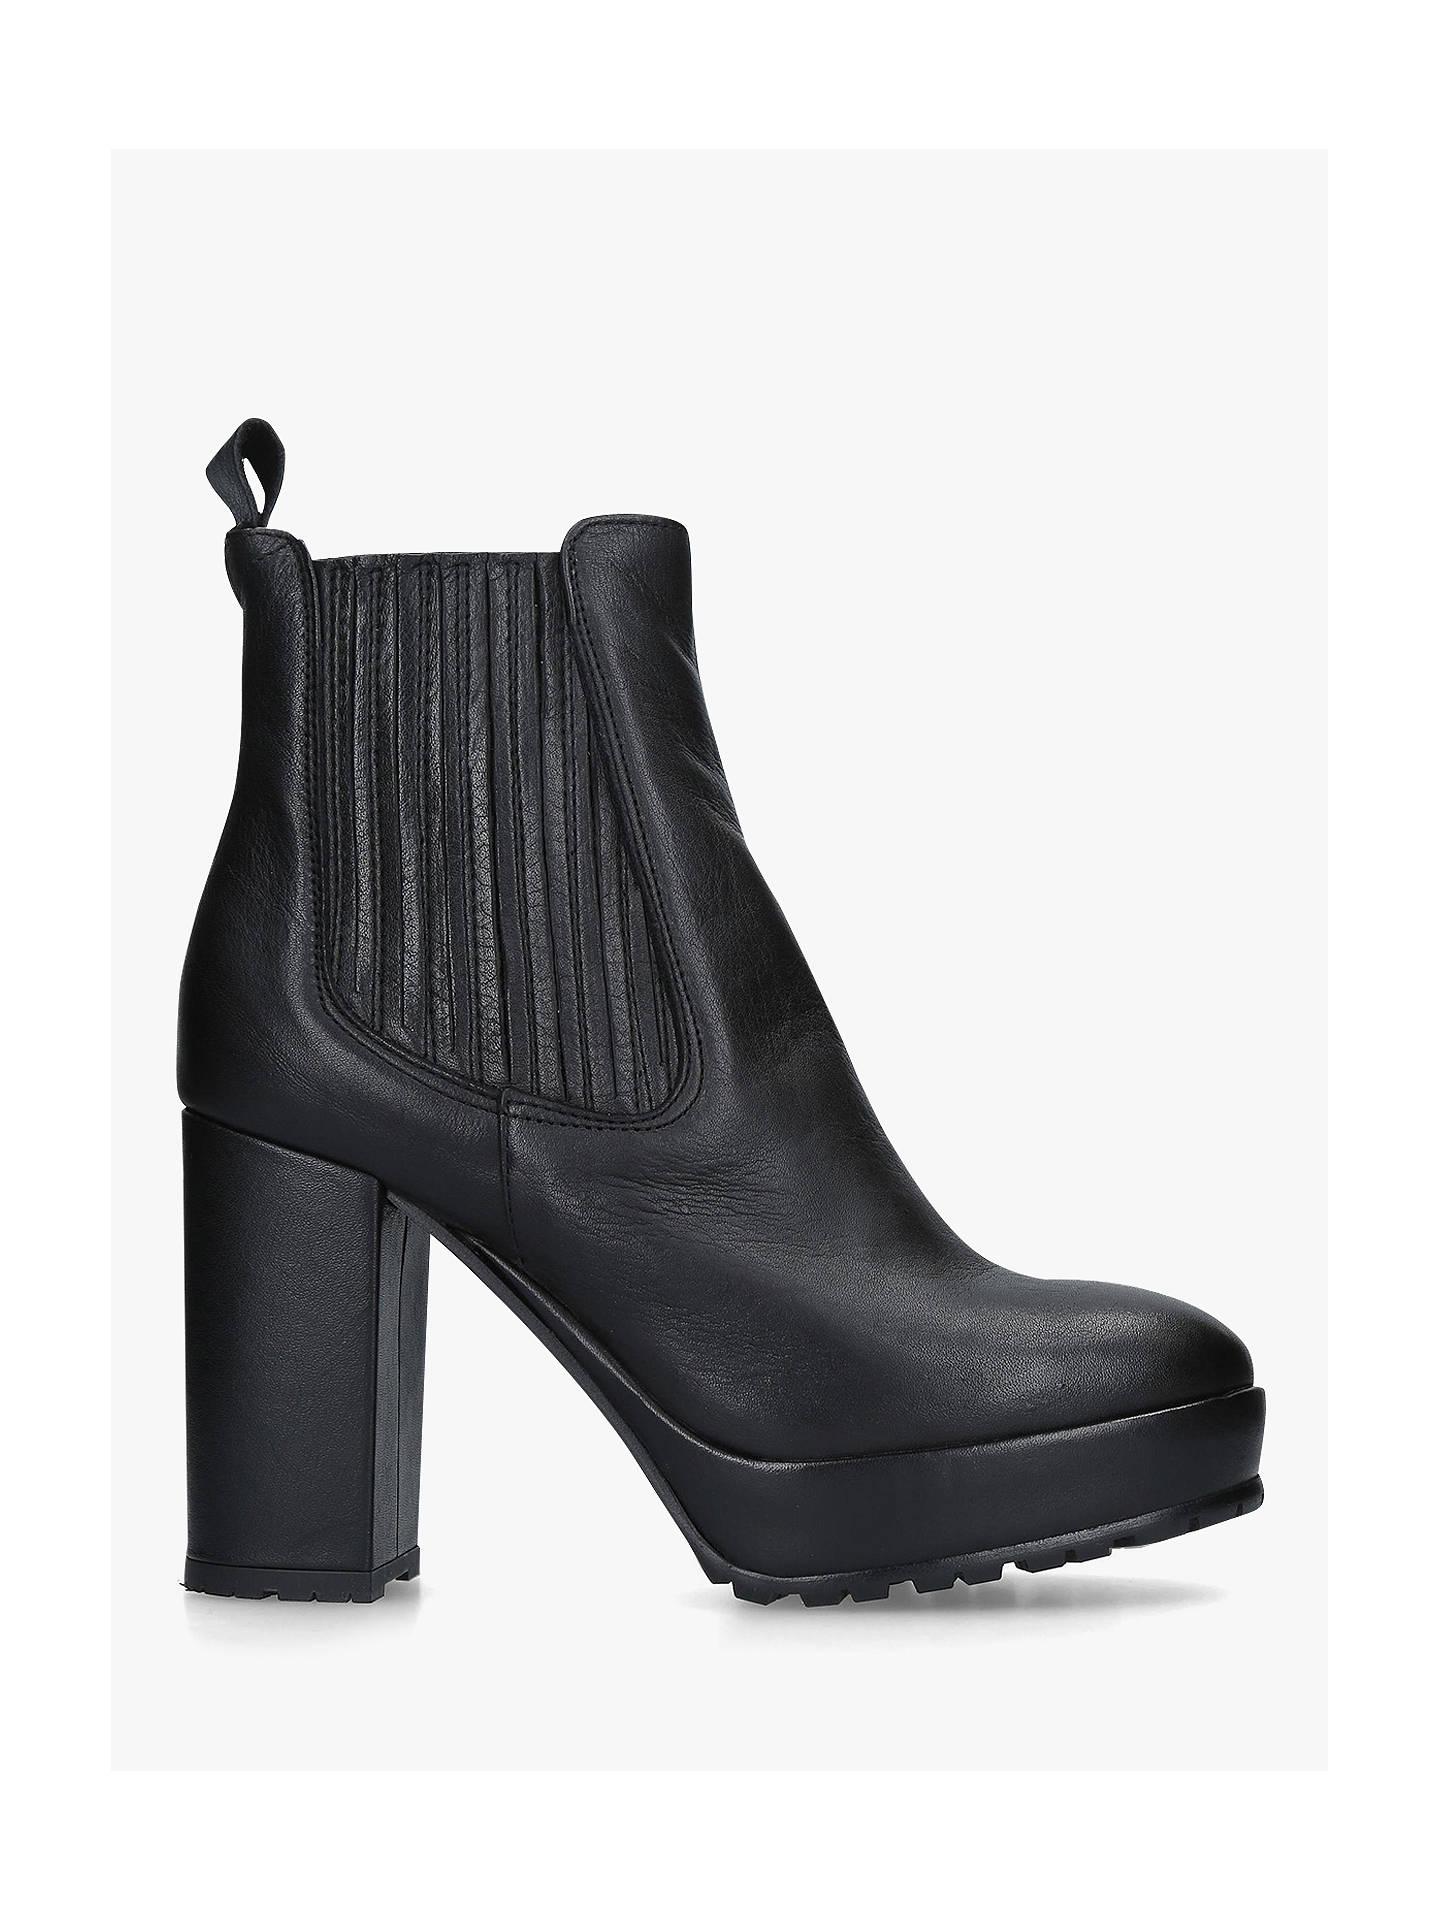 e0f6788386e3 Buy Kurt Geiger London Spice Heeled Ankle Boots